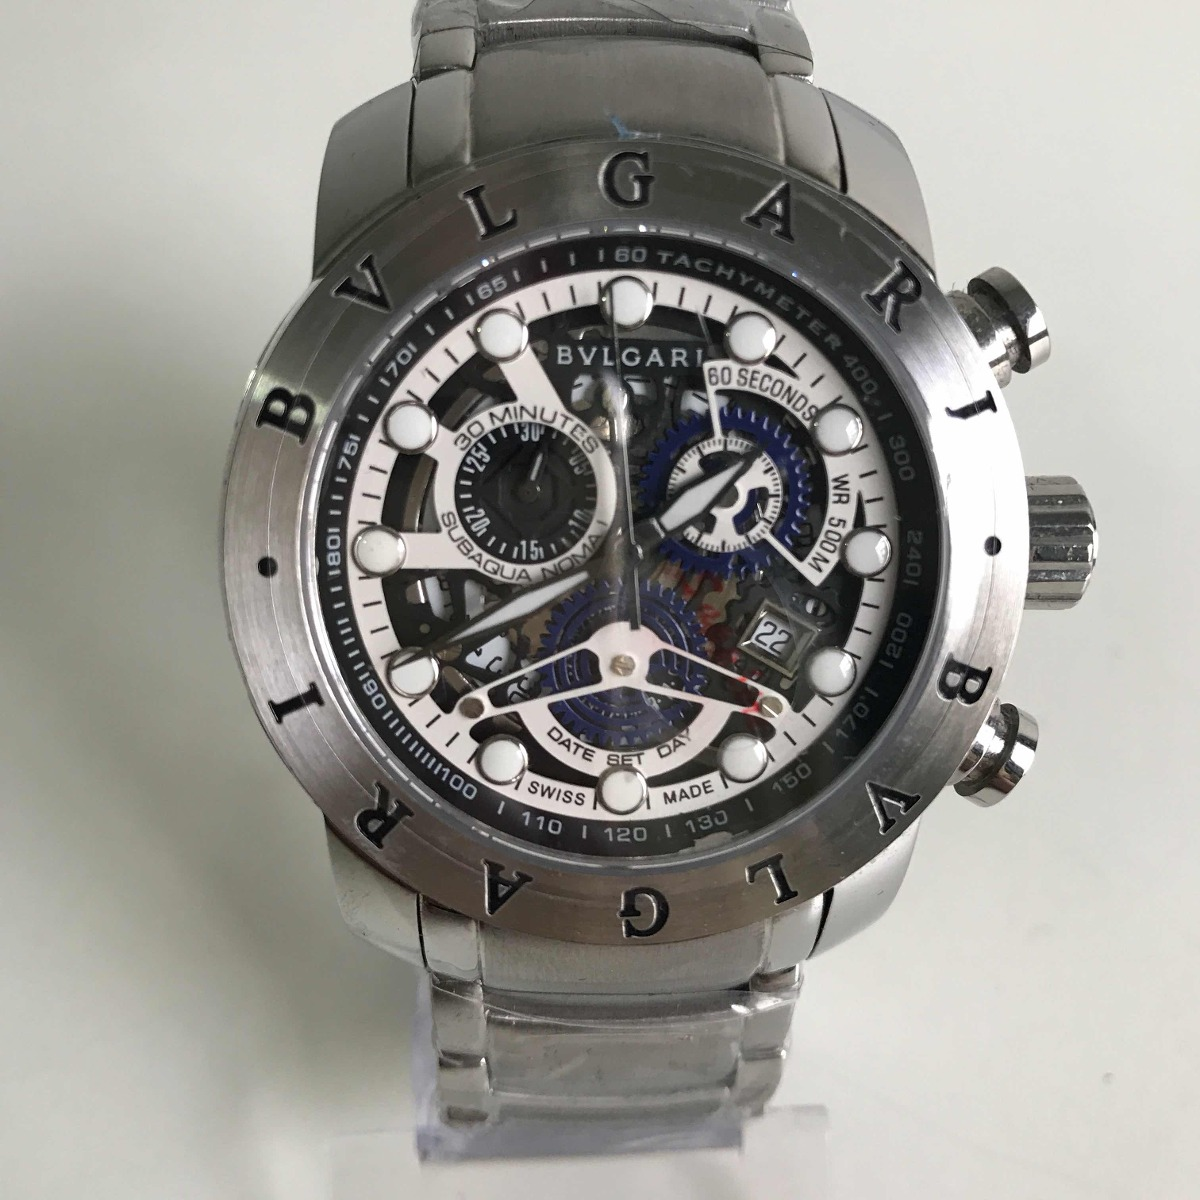 8f1a033bcd8 relógio bvlgari iron man prata esqueleto. Carregando zoom.